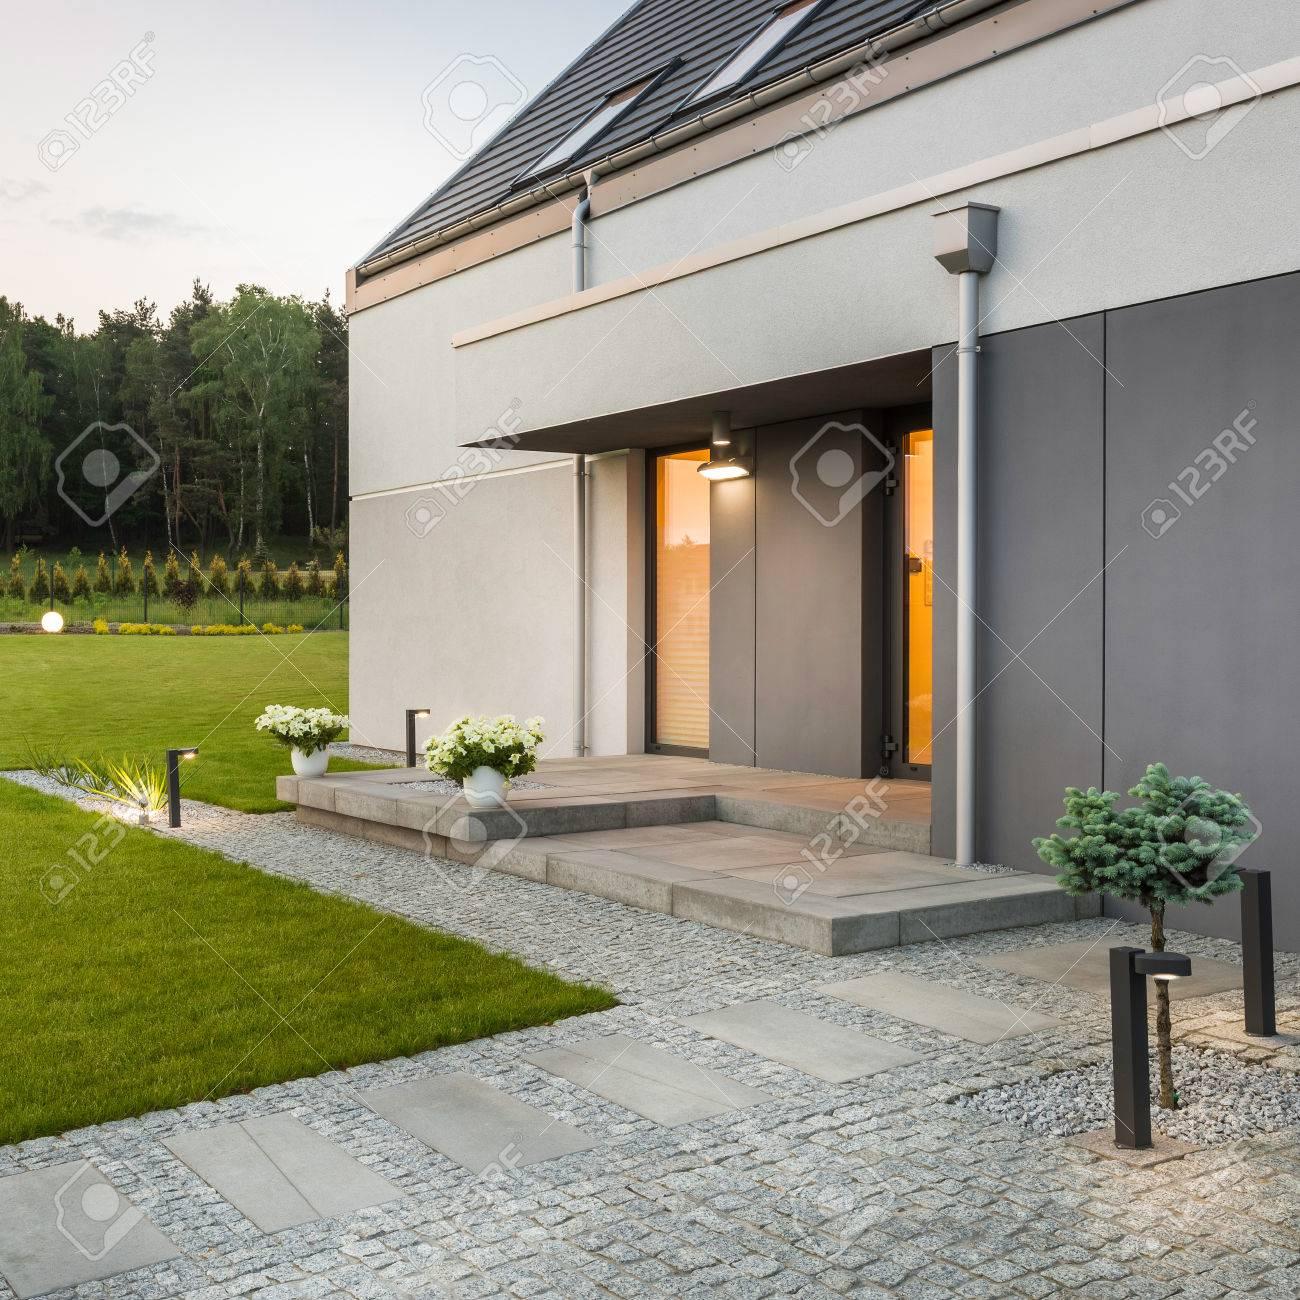 Maison Moderne Avec Jardin Simple Et éclairage Extérieur Décoratif ...